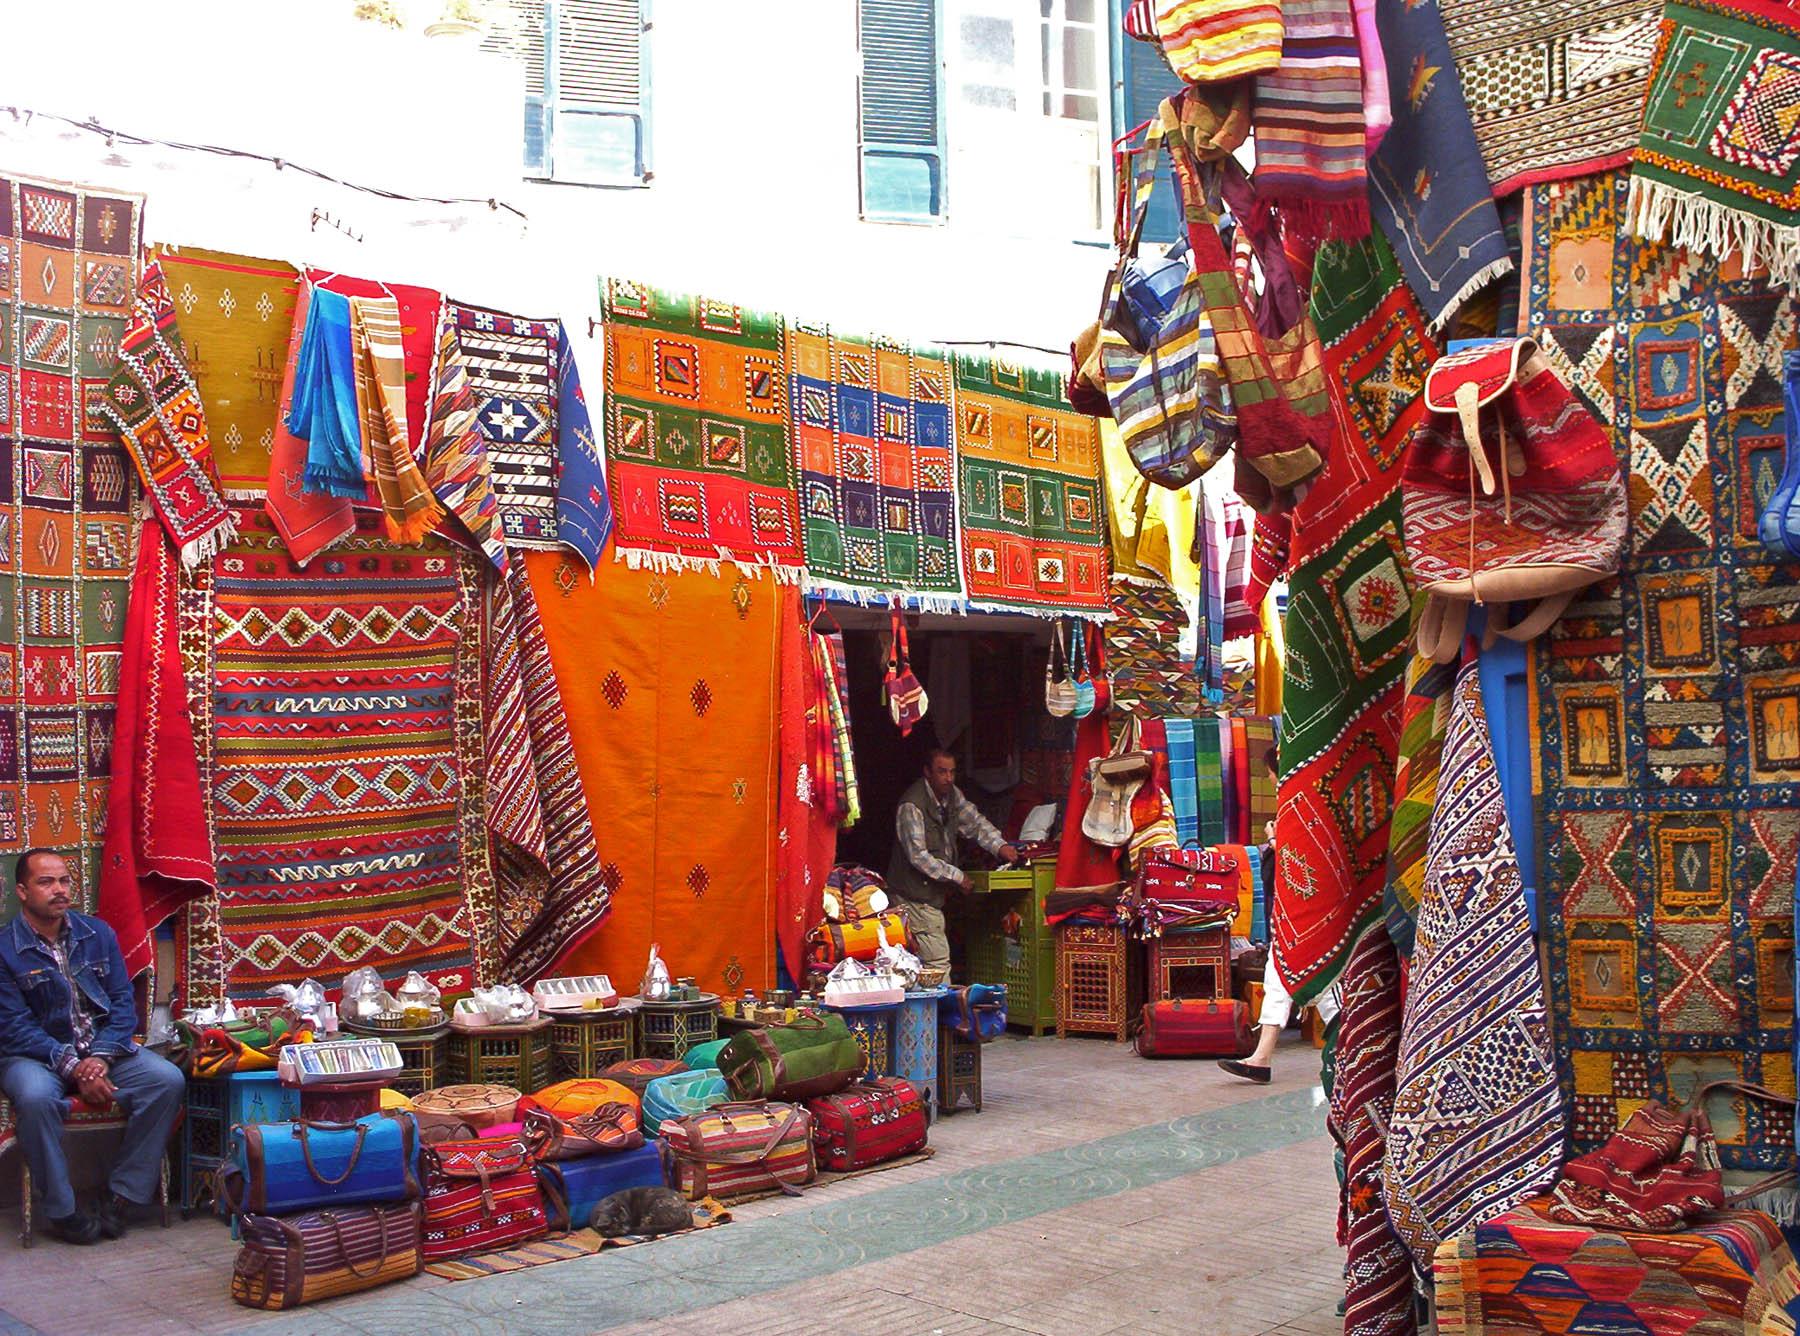 Marruecos solo 24 horas - Fotos marrakech marruecos ...